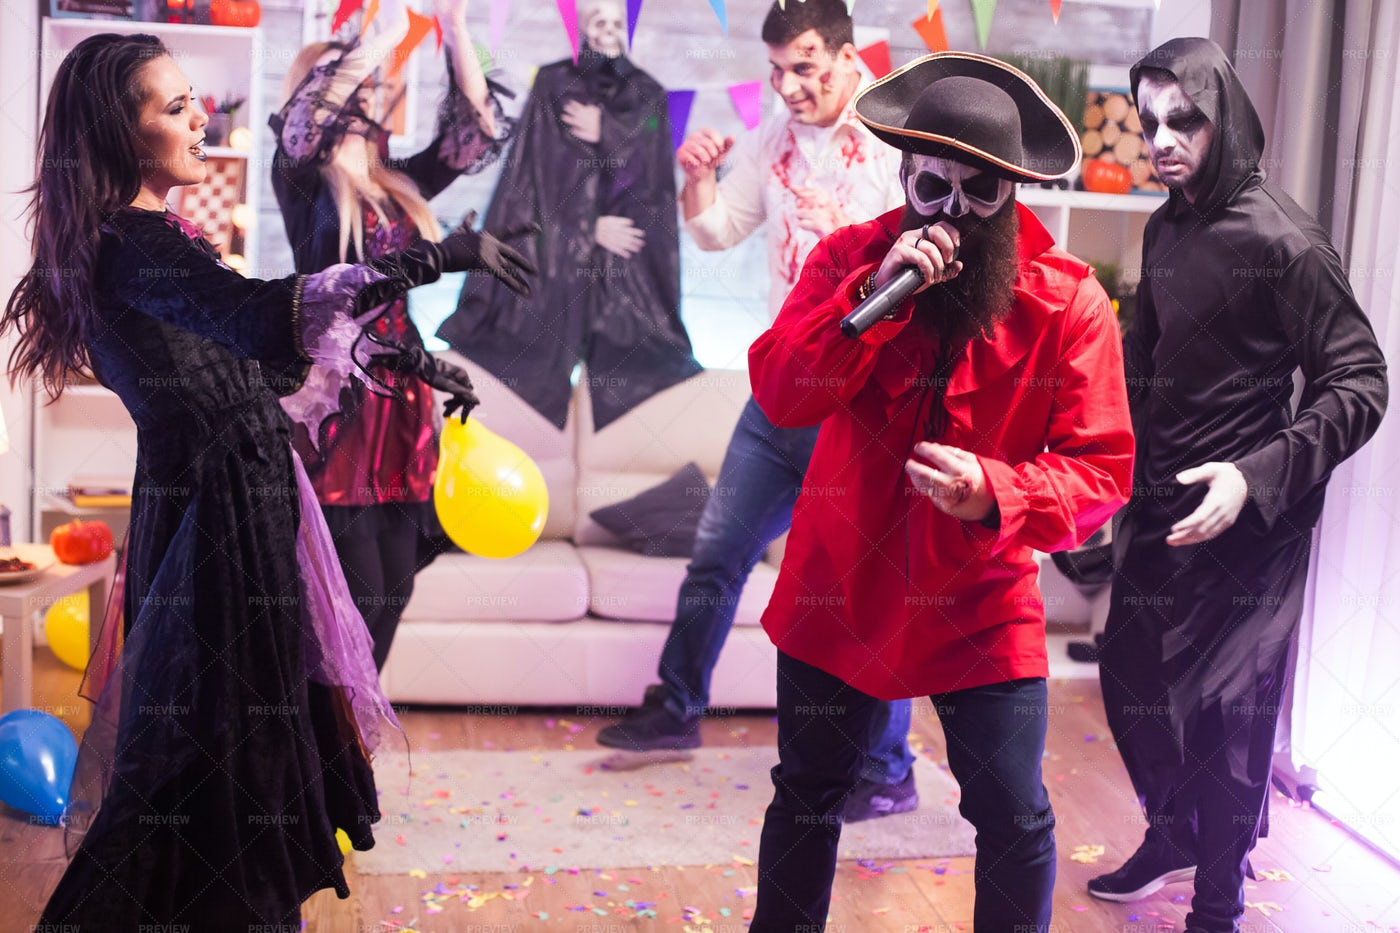 Pirate Karaoke At Halloween Party: Stock Photos